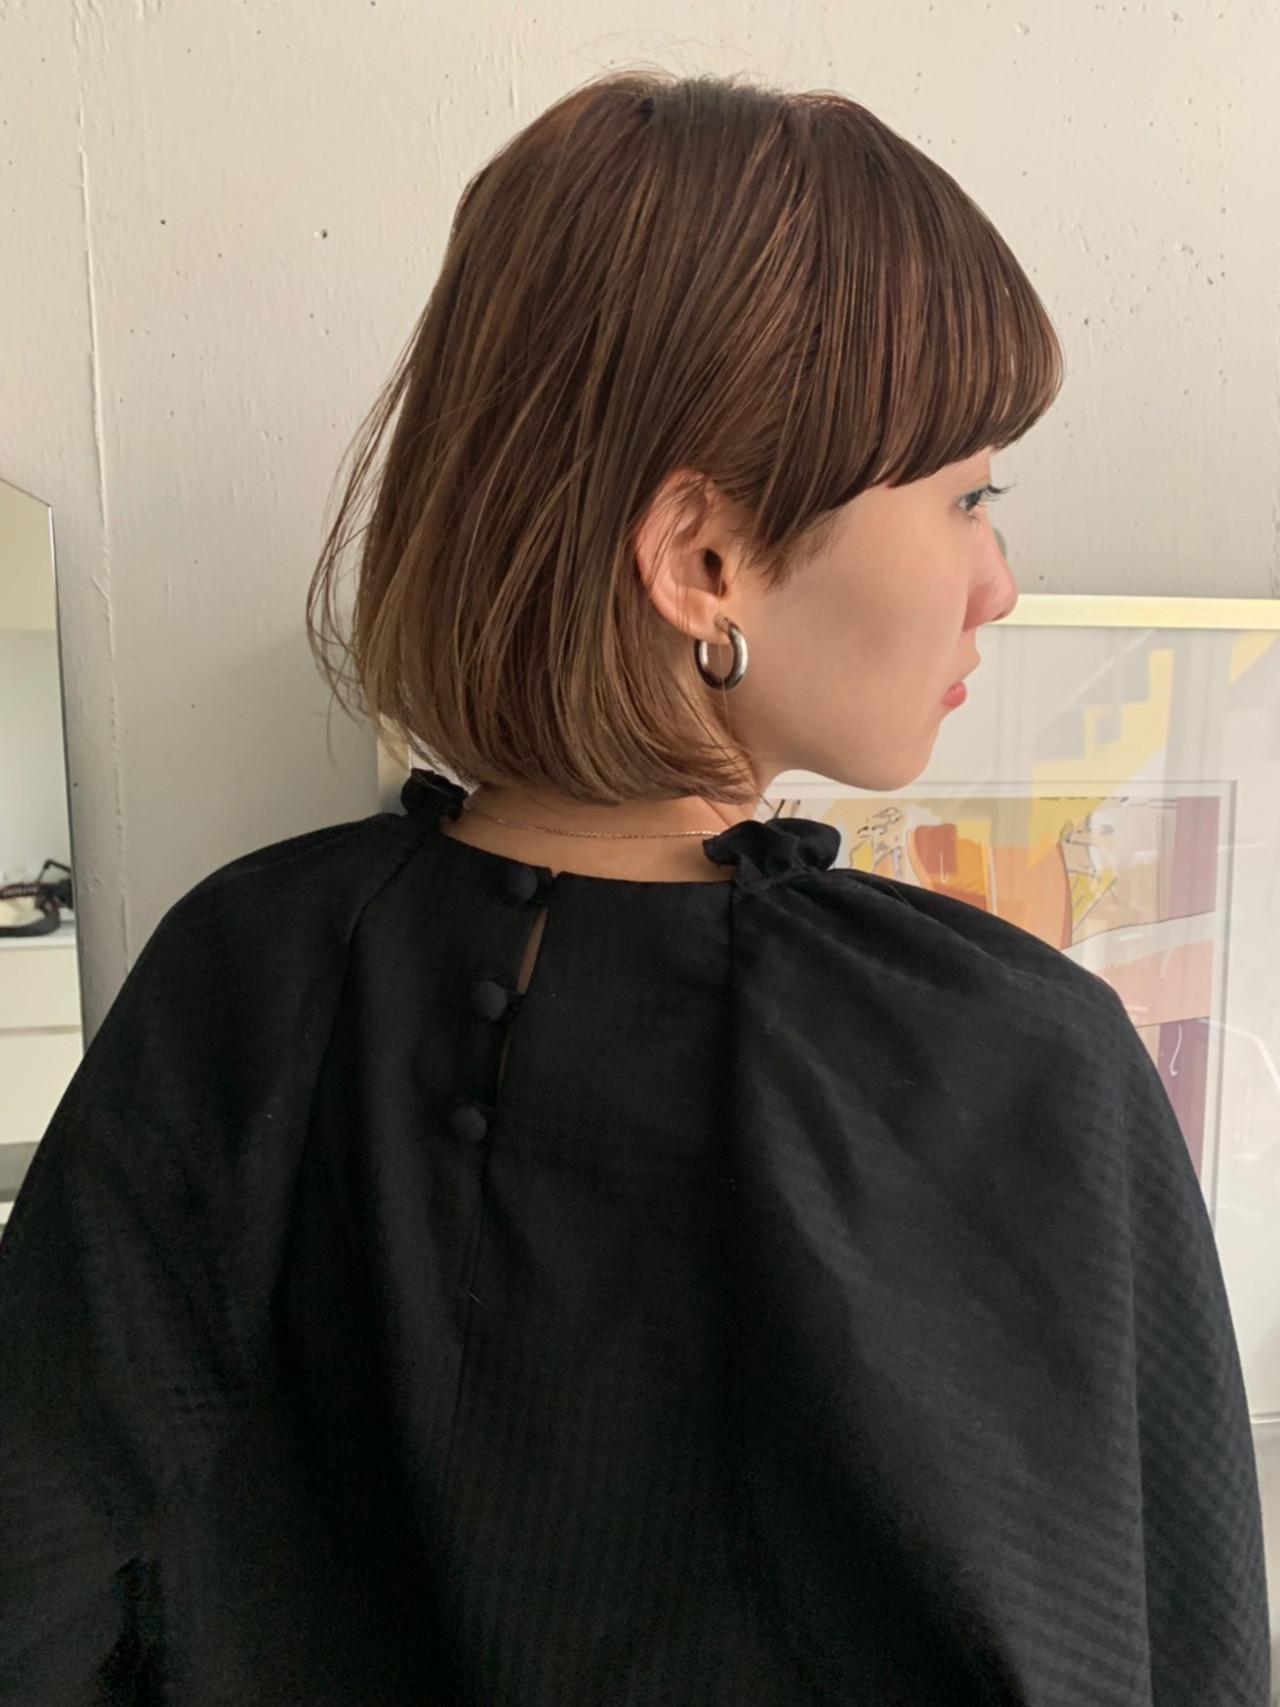 ベリーショート 切りっぱなしボブ ミニボブ ショートヘア ヘアスタイルや髪型の写真・画像